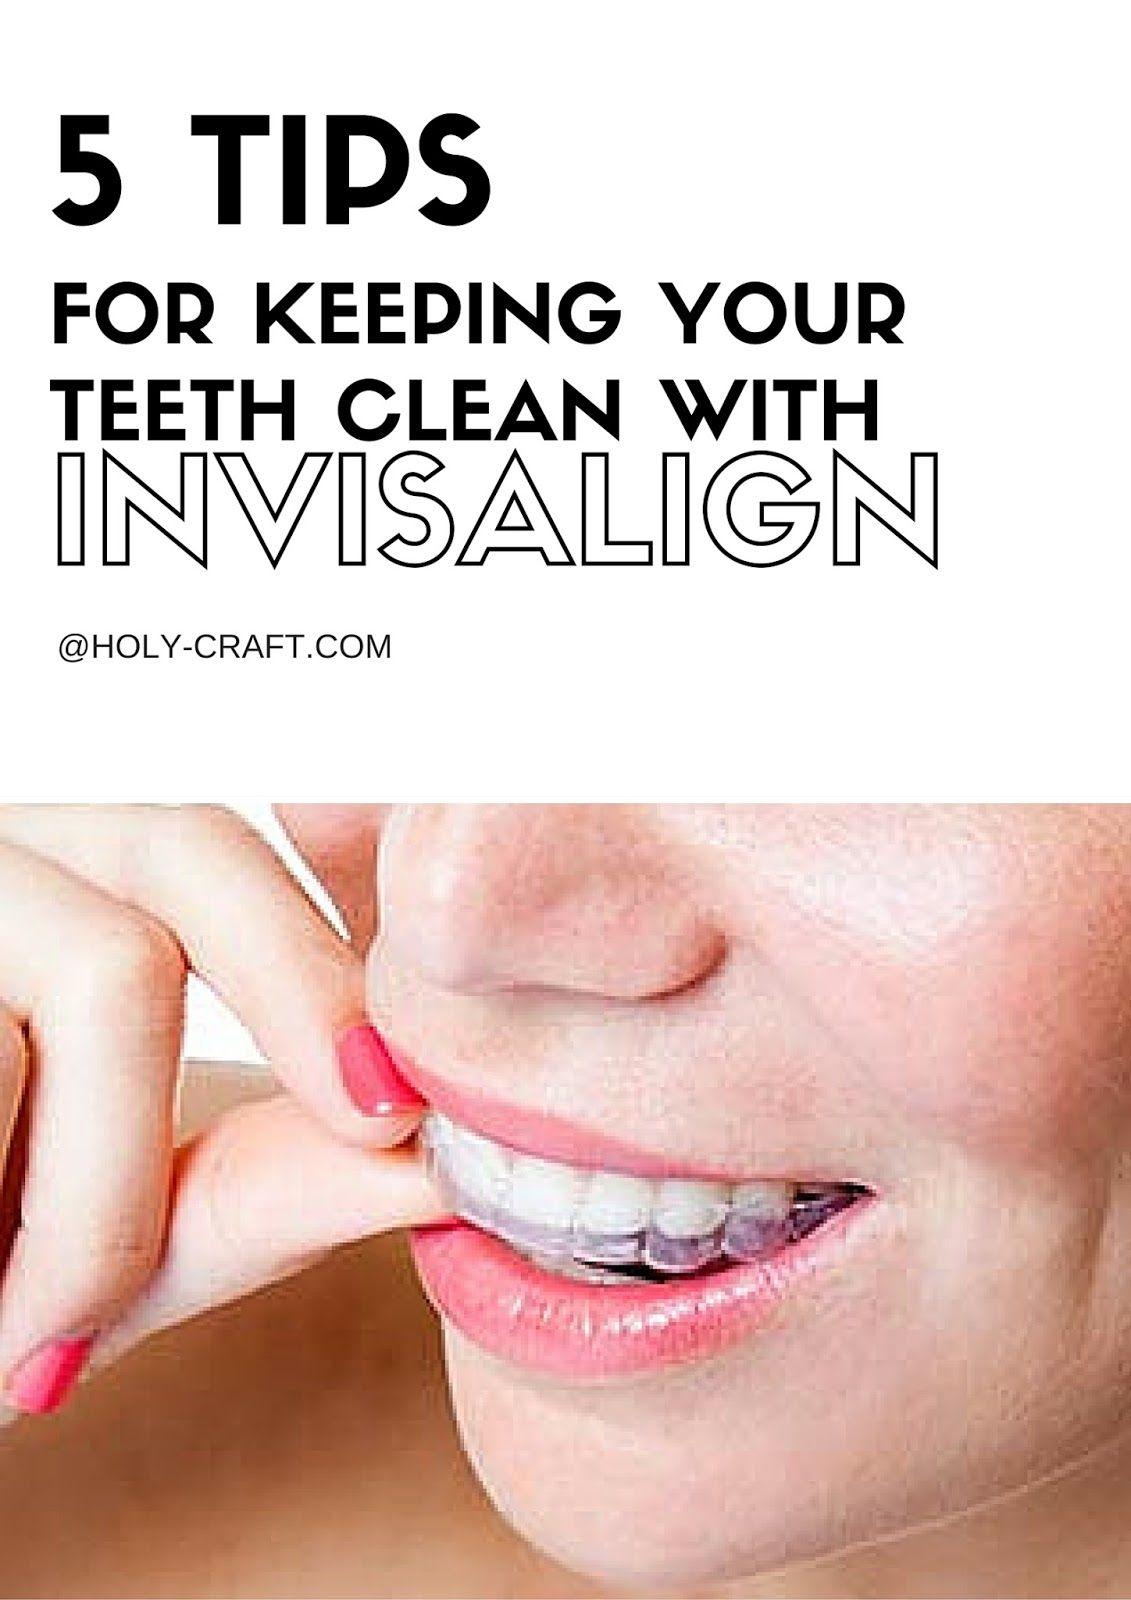 How to Clean Invisalign Trays Passamano Orthodontics Invisalign ...